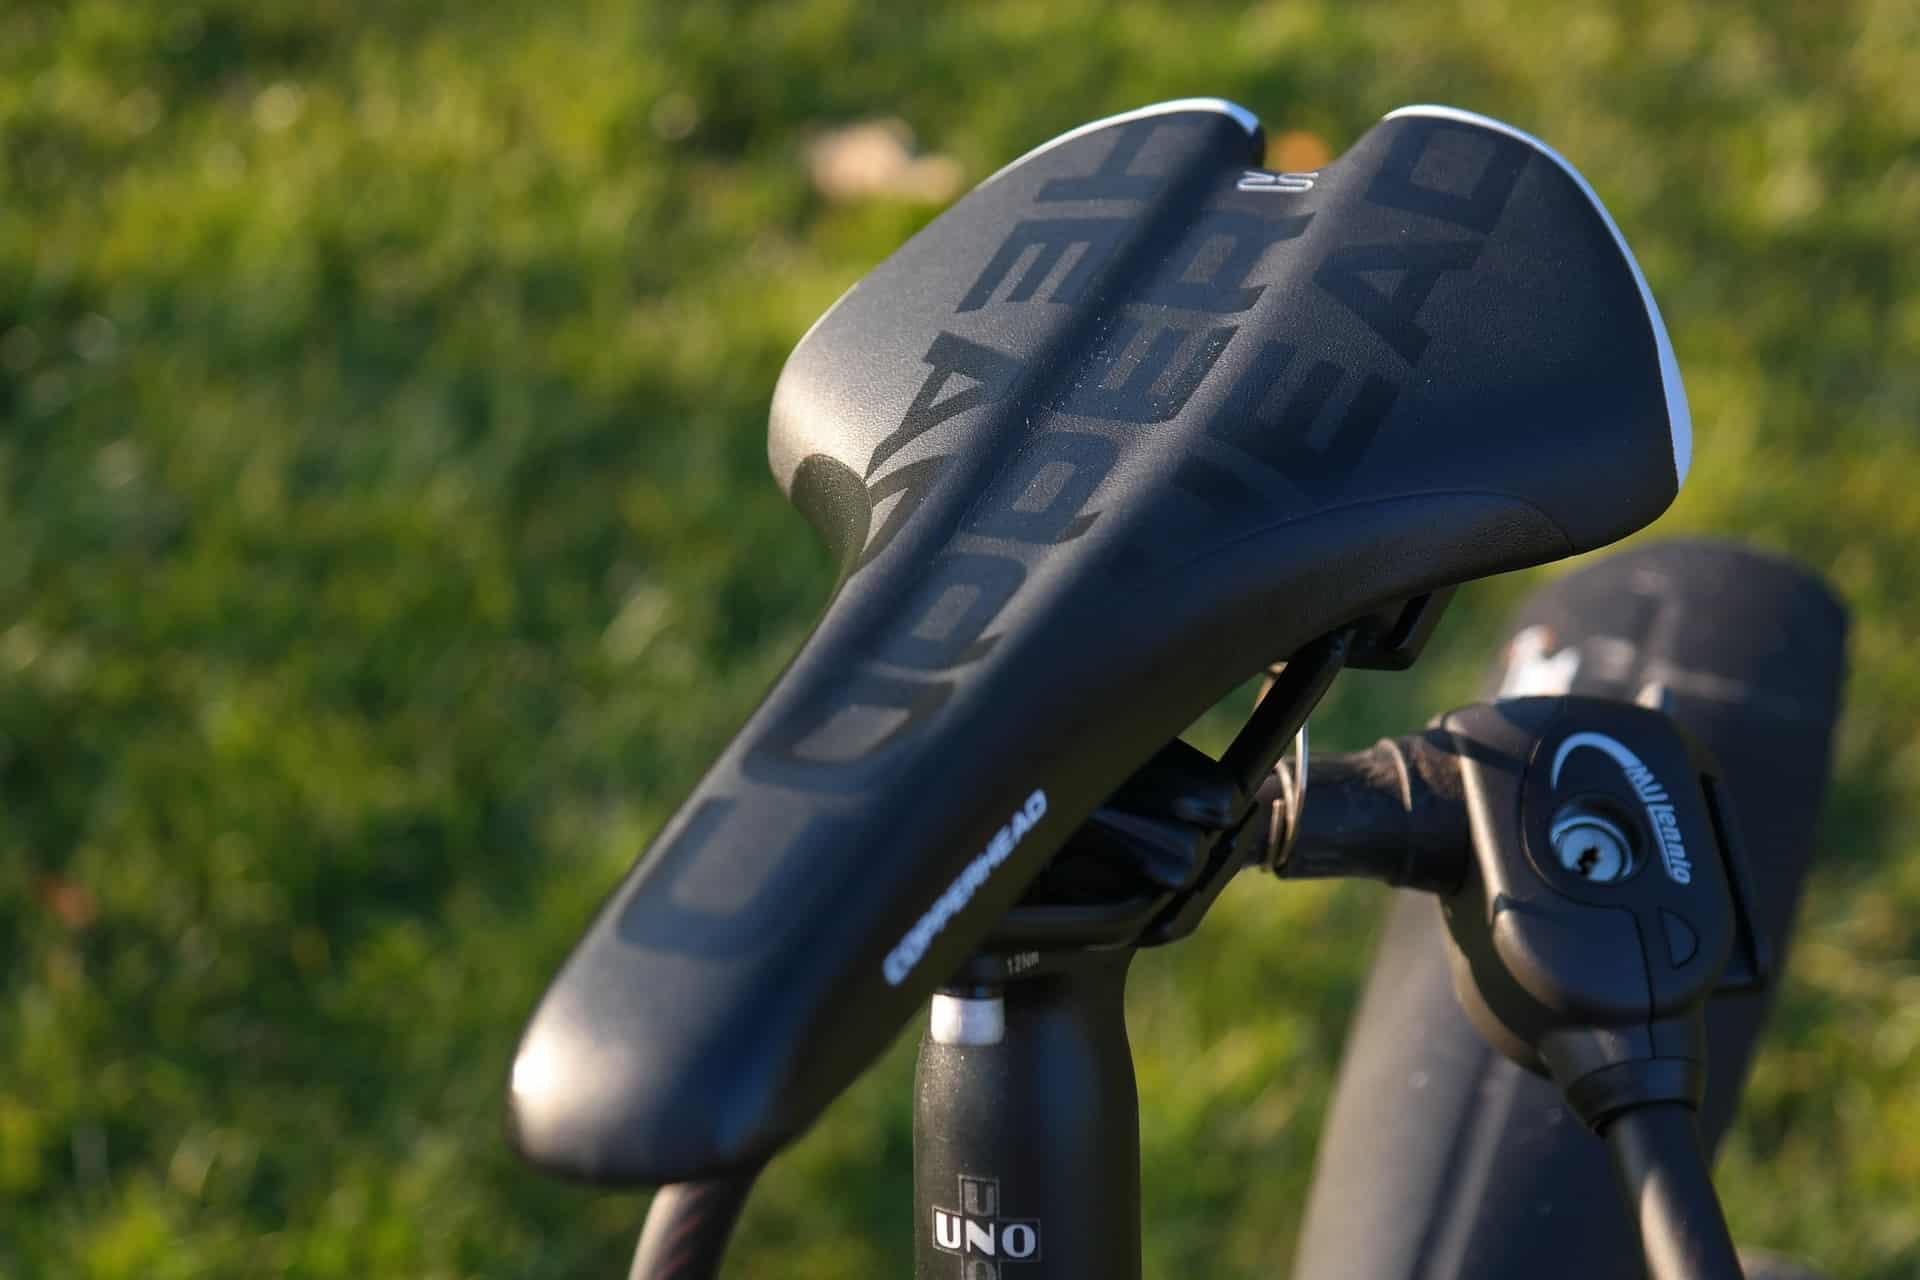 Fahrradsattel: Test & Empfehlungen (09/20)